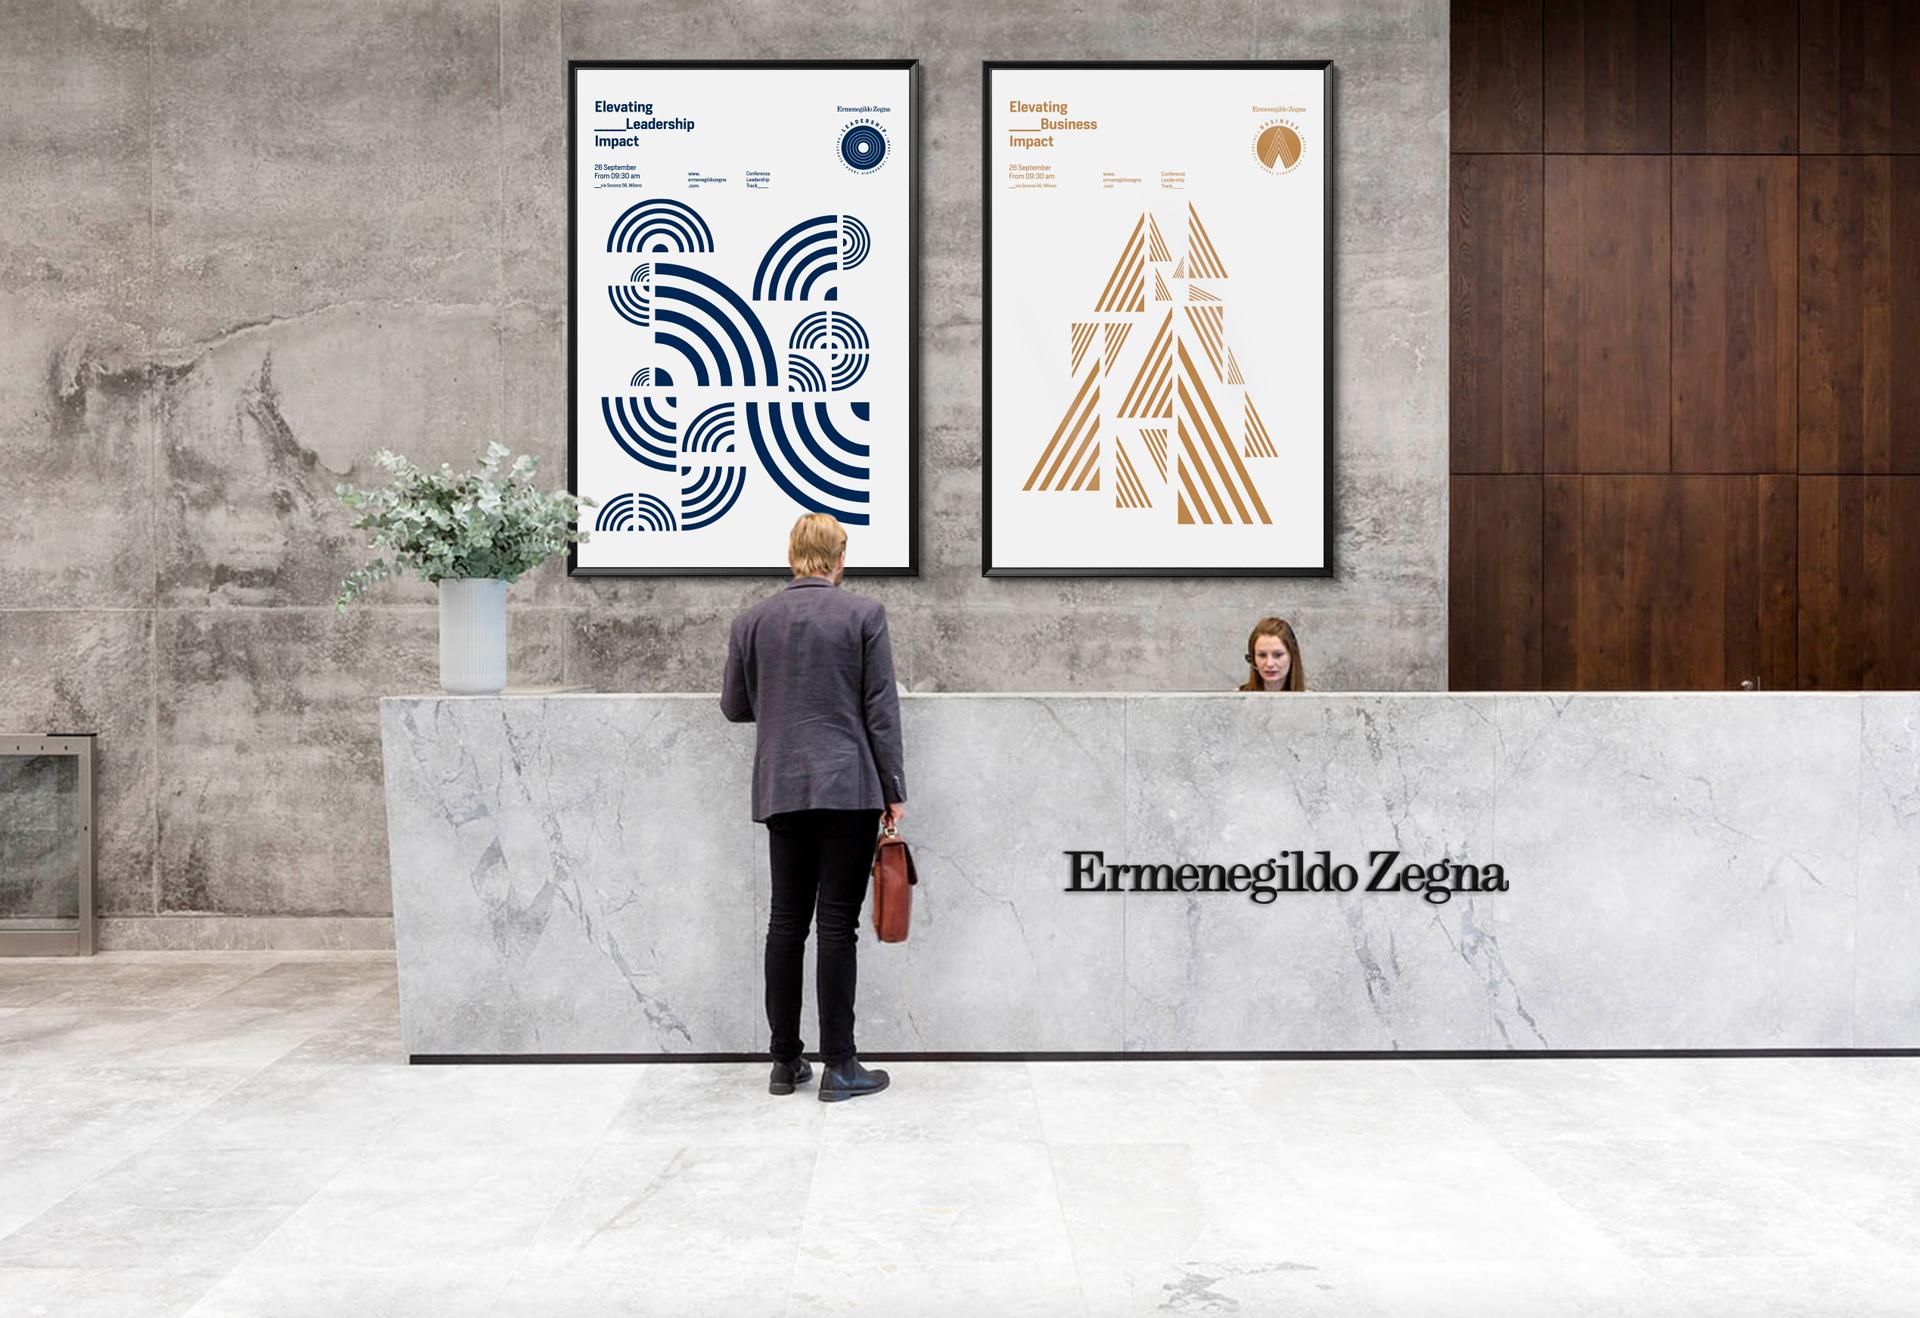 Ermenegildo Zegna visual reception leadership business event